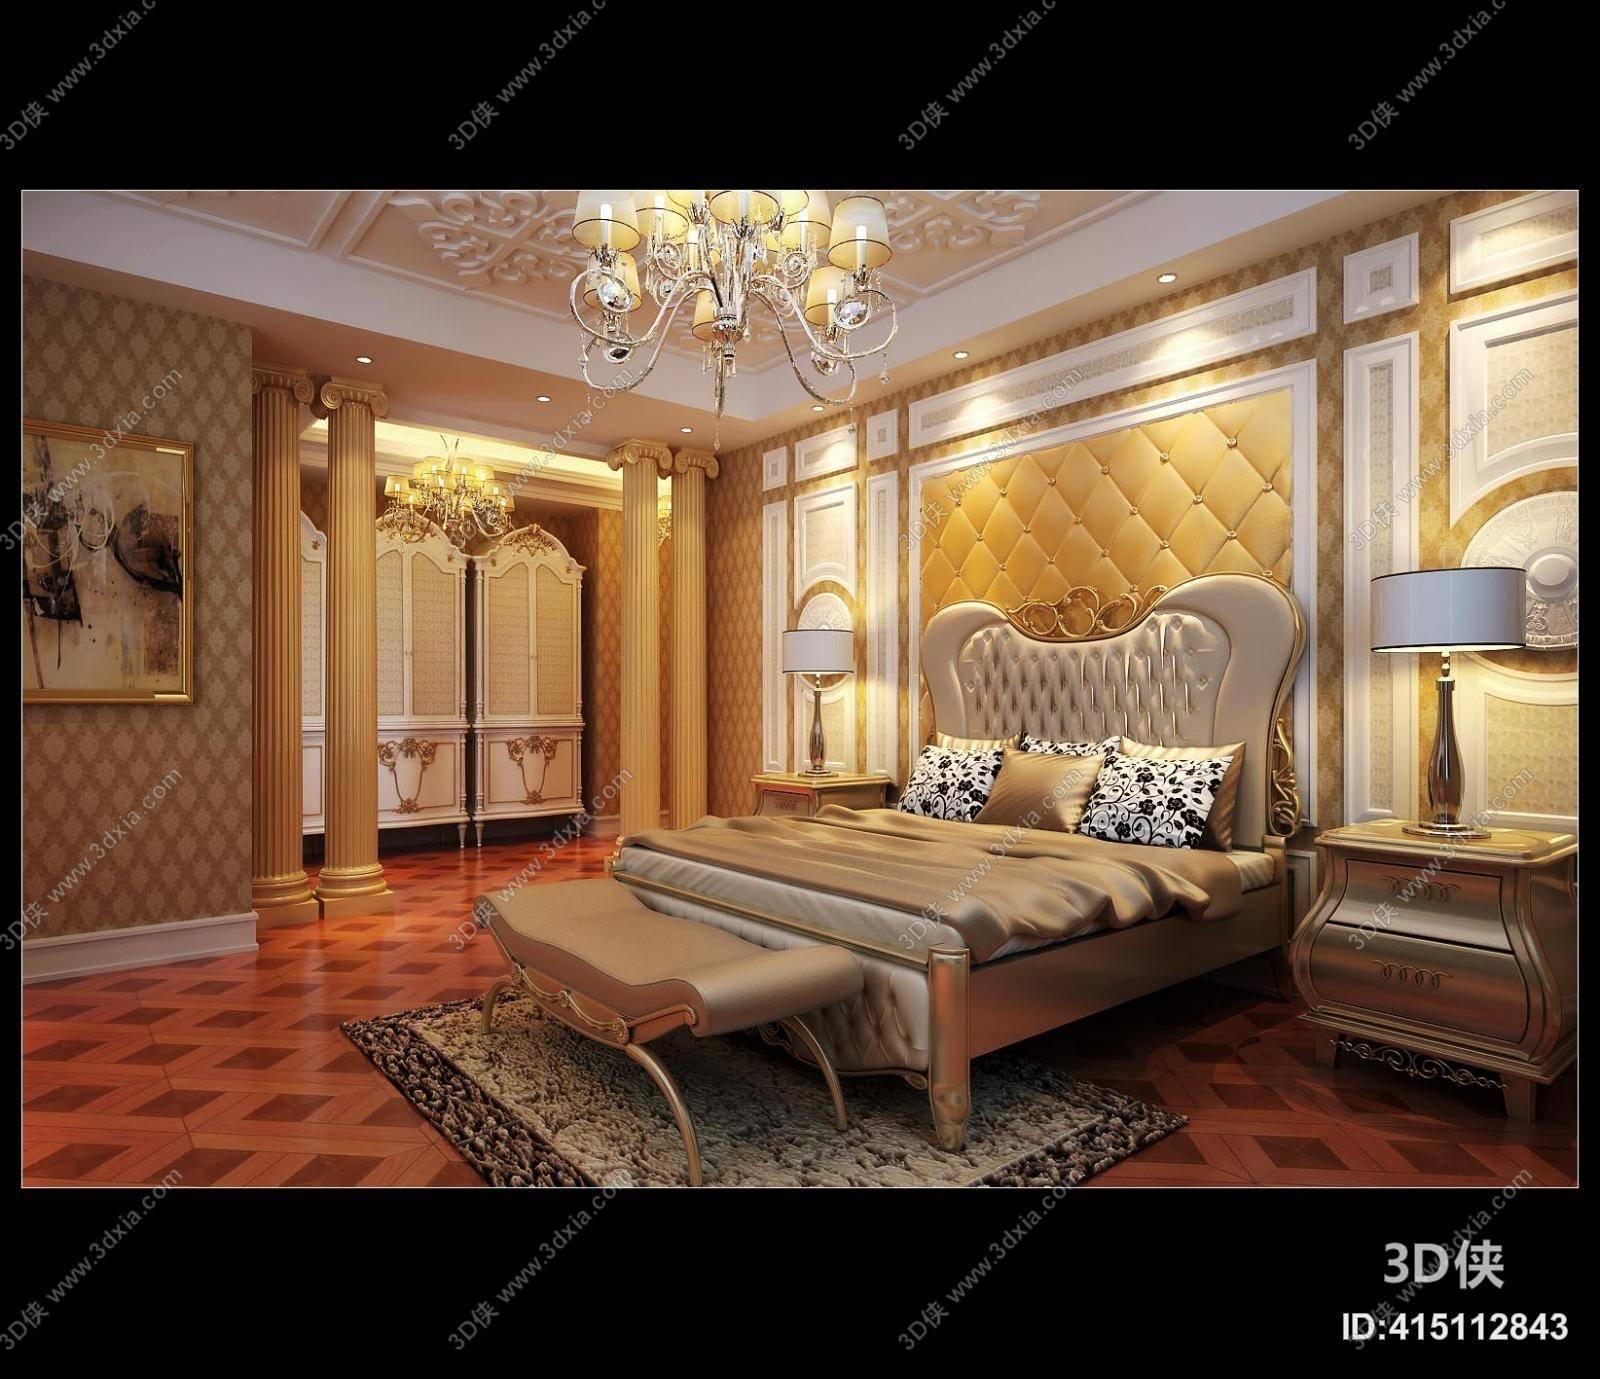 欧式古典家居卧室 经典欧式铜艺吊灯 金色罗马柱 欧式古典棕色木艺床